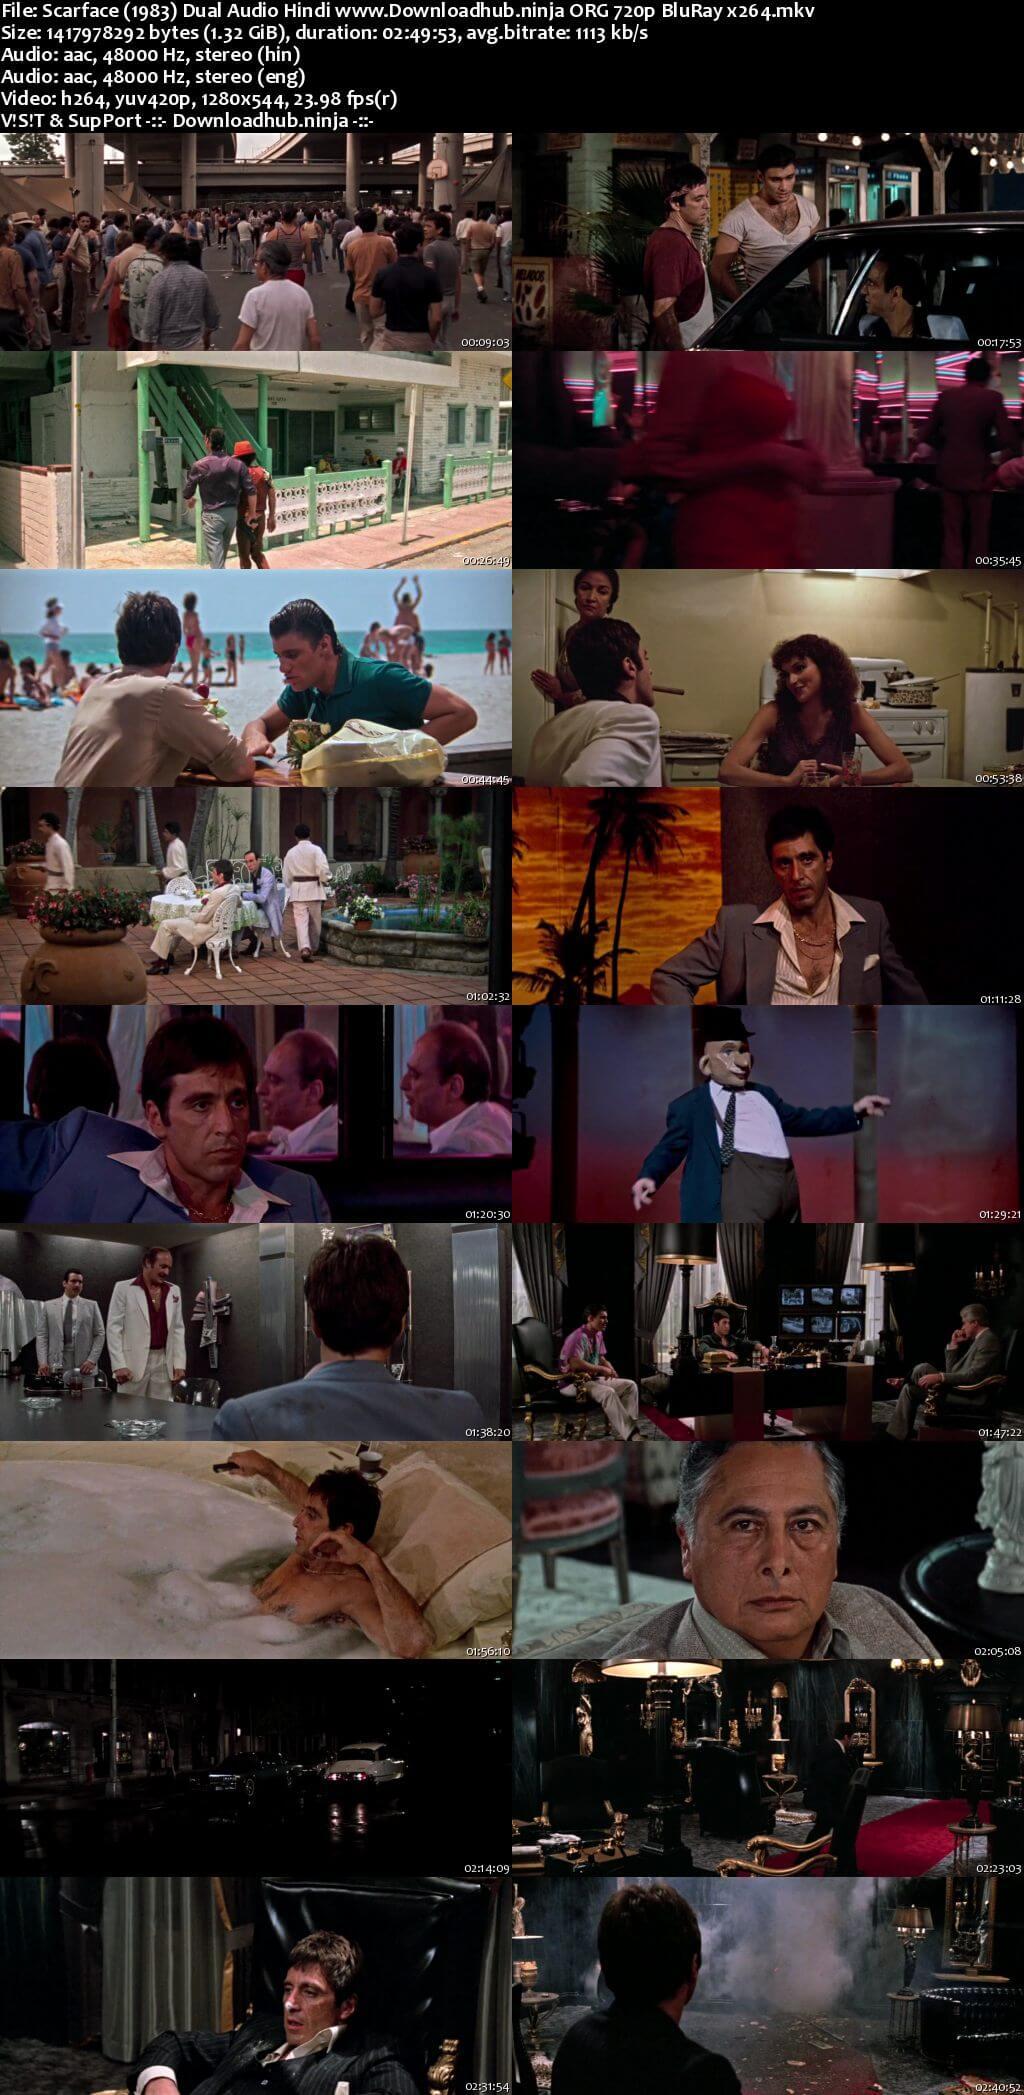 Scarface 1983 Hindi Dual Audio 720p BluRay x264